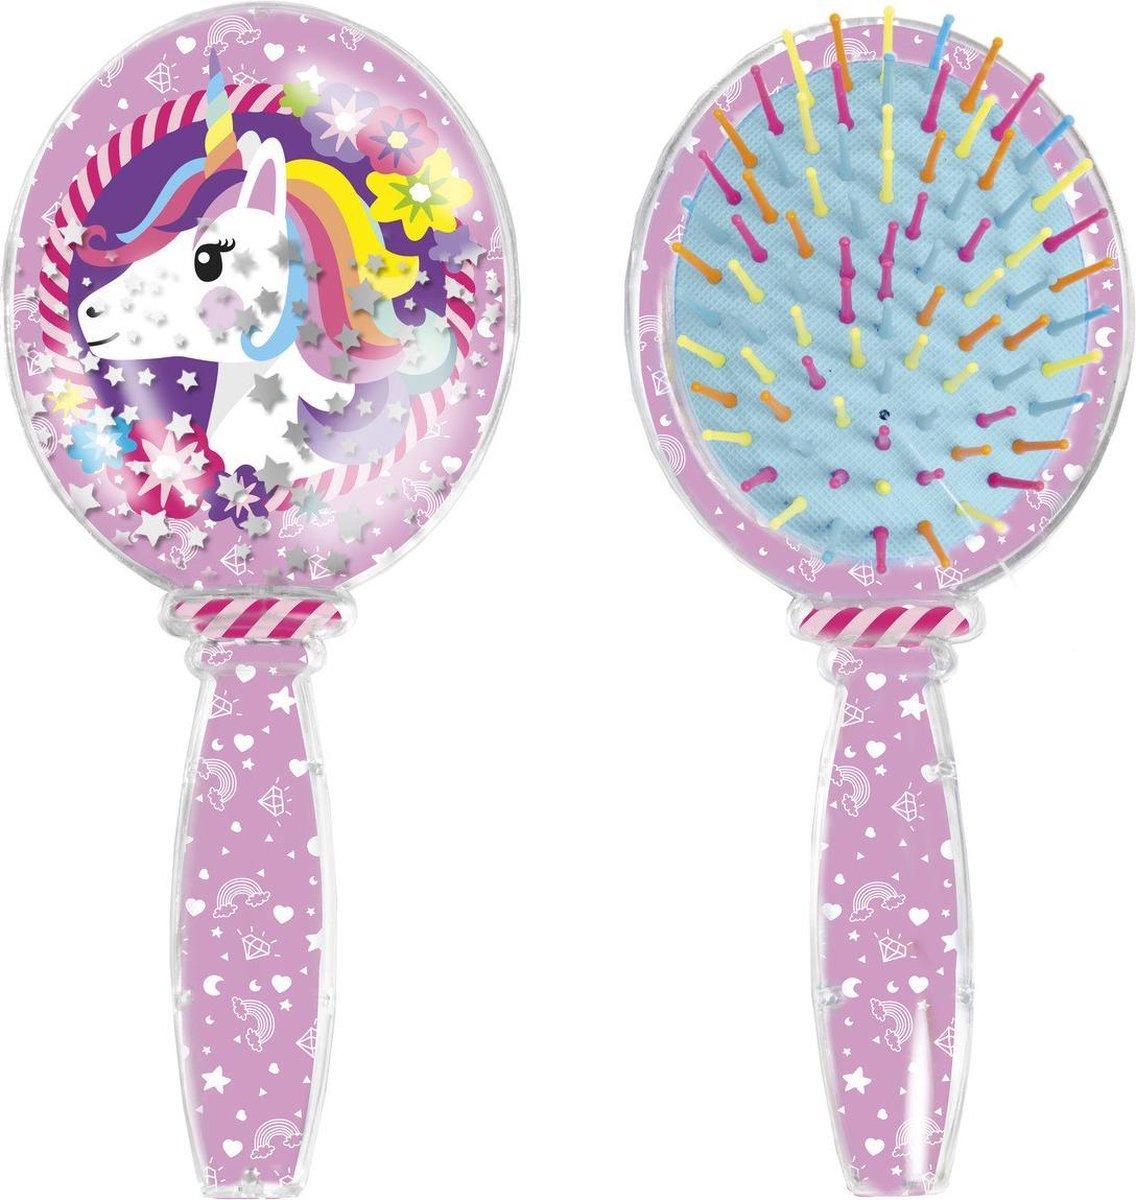 Unicorn Haarborstel met bewegende glitter - kinderhaarsborstel eenhoornthema